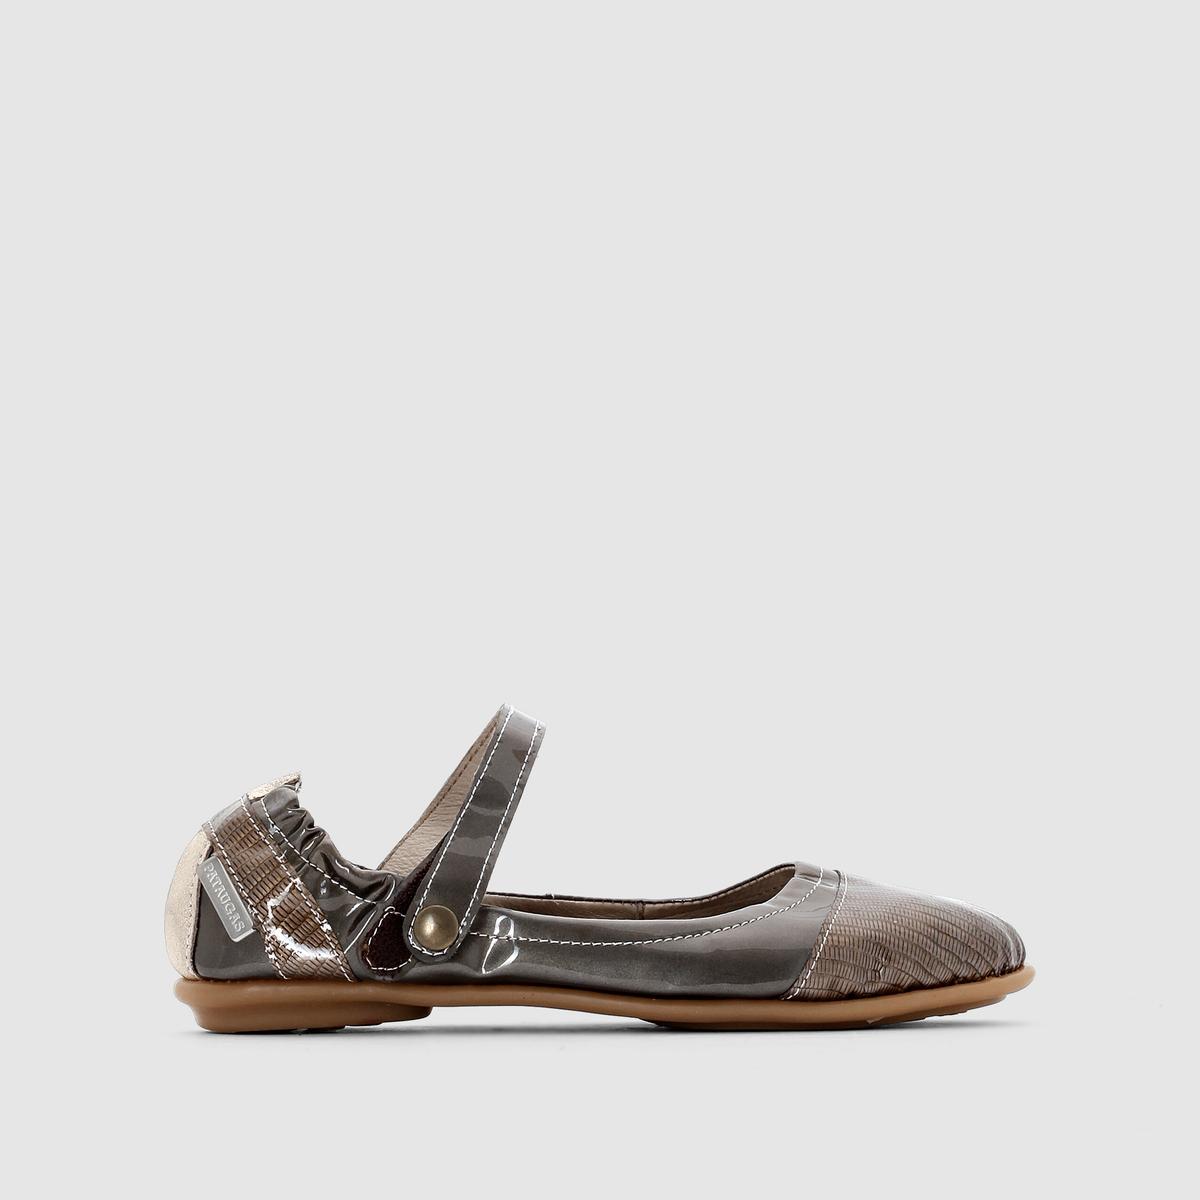 Балетки PATAUGAS SMOOTHБалетки из кожи на ремешке, SMOOTH от PATAUGAS .Верх : телячья кожа   Подкладка : кожа Стелька : кожа  Подошва : резина Застежка   : ремешки.  Культовая марка для любителей прогулок 50-х Pataugas создает сегодня для нас оригинальную обувь . Хороший тому пример, эти симпатичные балетки, созданные для легкой ходьбы в красивых городах   !<br><br>Цвет: серо-коричневый лак<br>Размер: 40